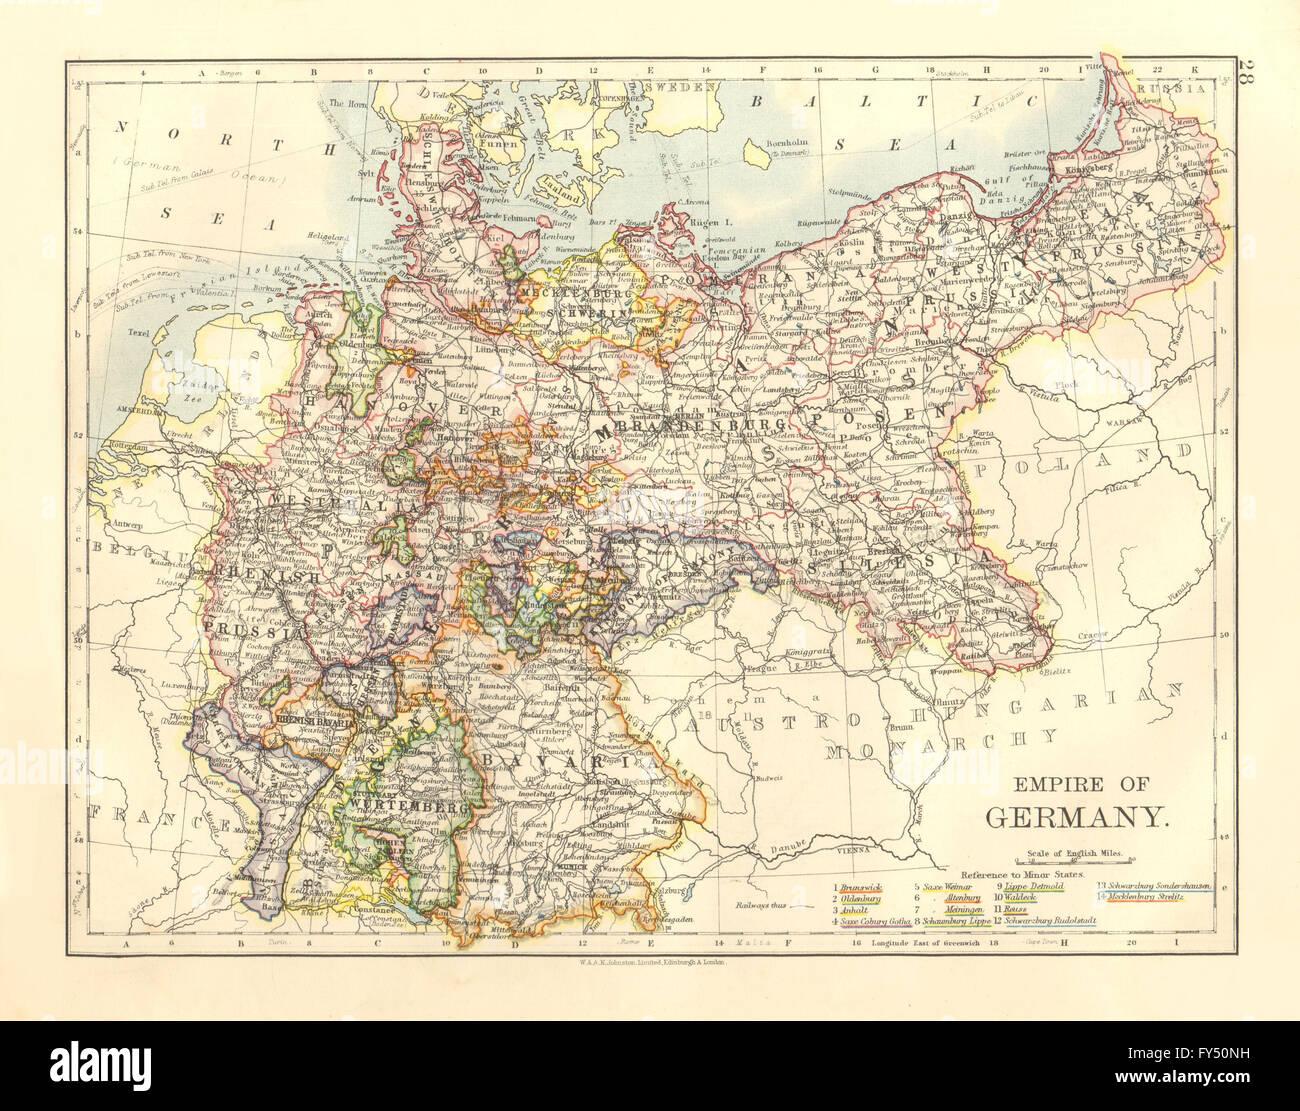 Elsass Auf Karte.Reich Von Deutschland Staaten Preussen Bayern Elsass Lothringen